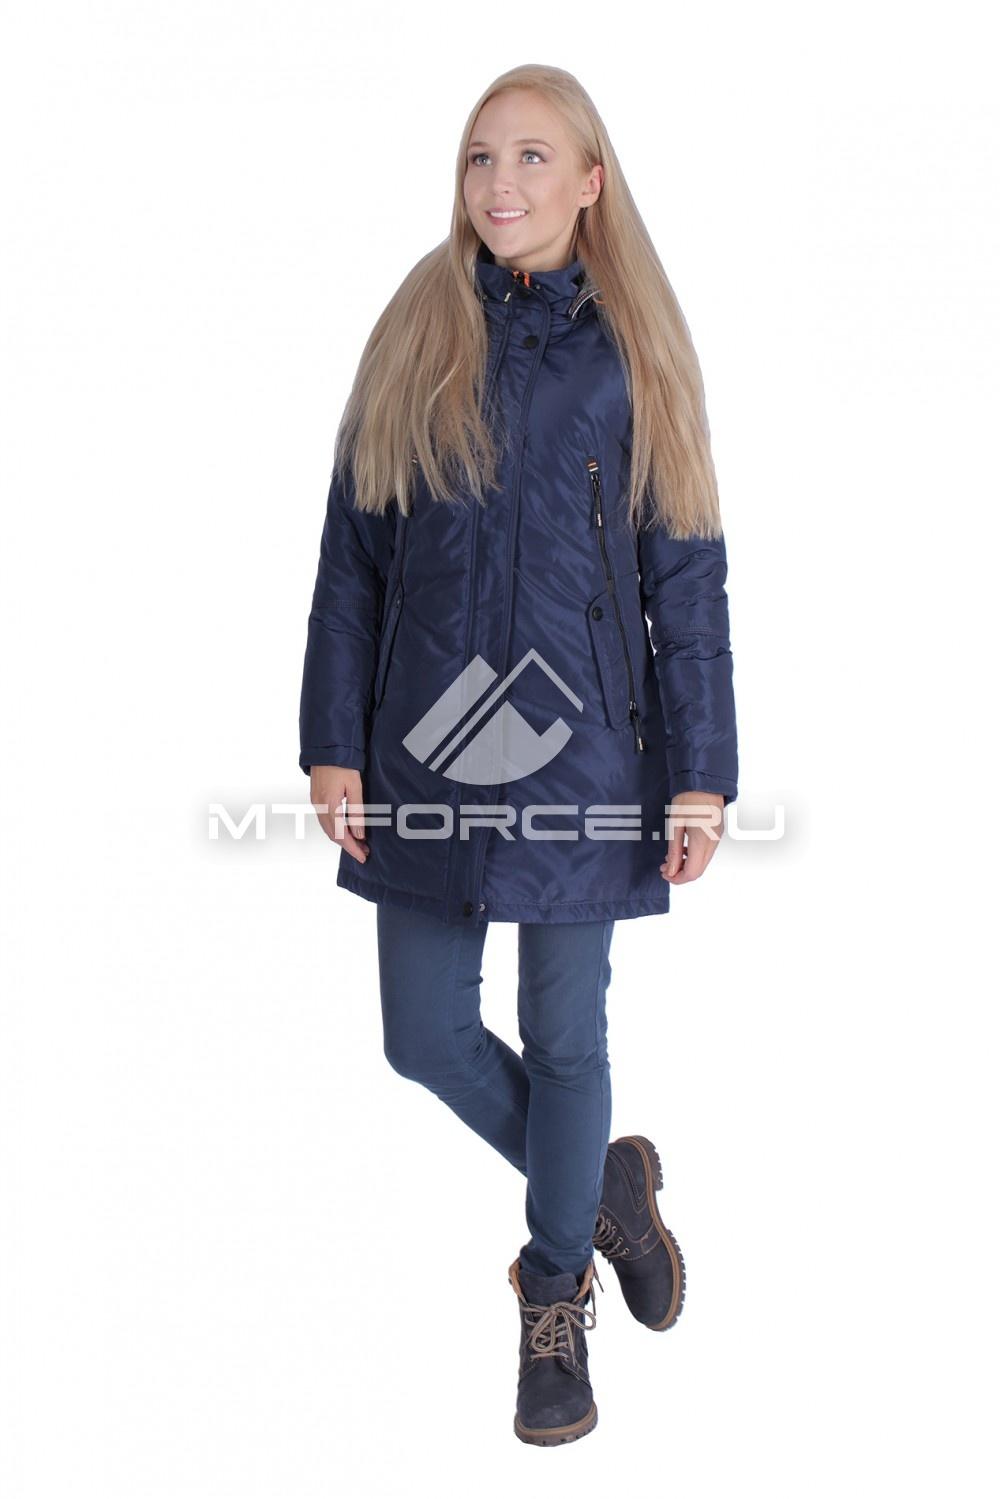 Купить оптом Итальянская куртка женская темно-чинего цвета 1691TS